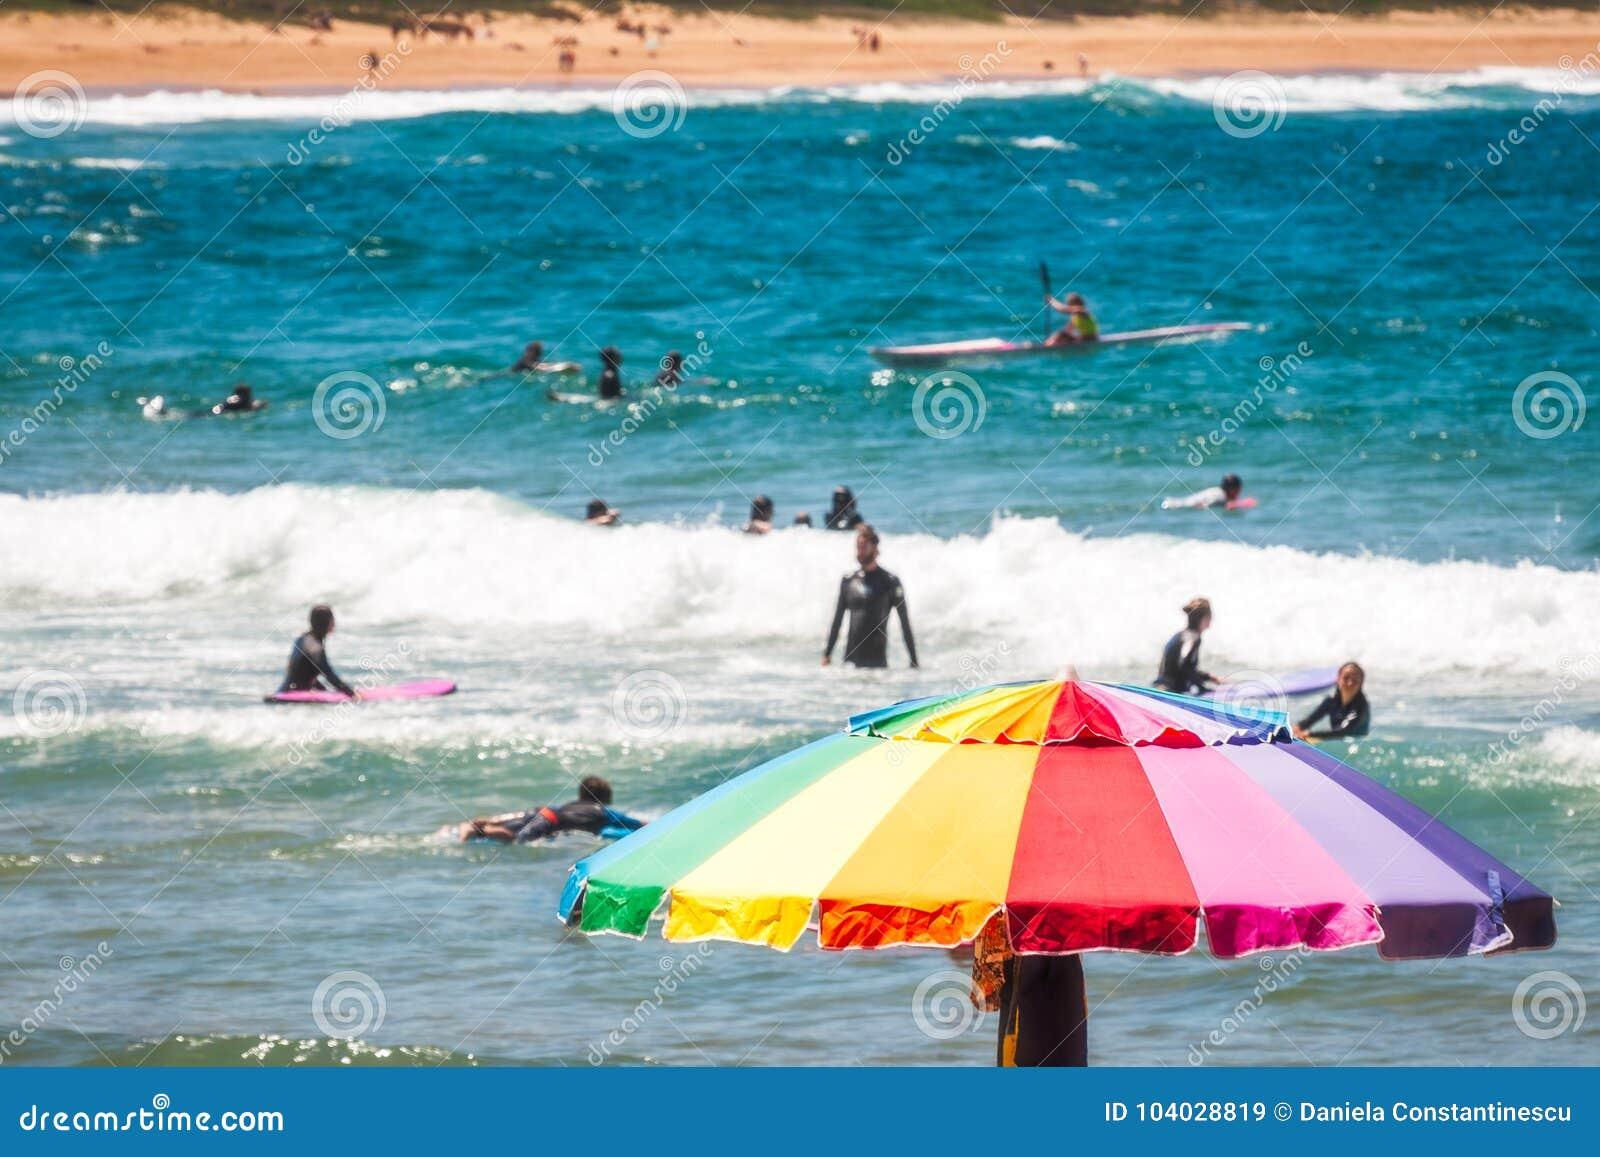 Bunter Regenschirm an Avoca-Strand, Australien